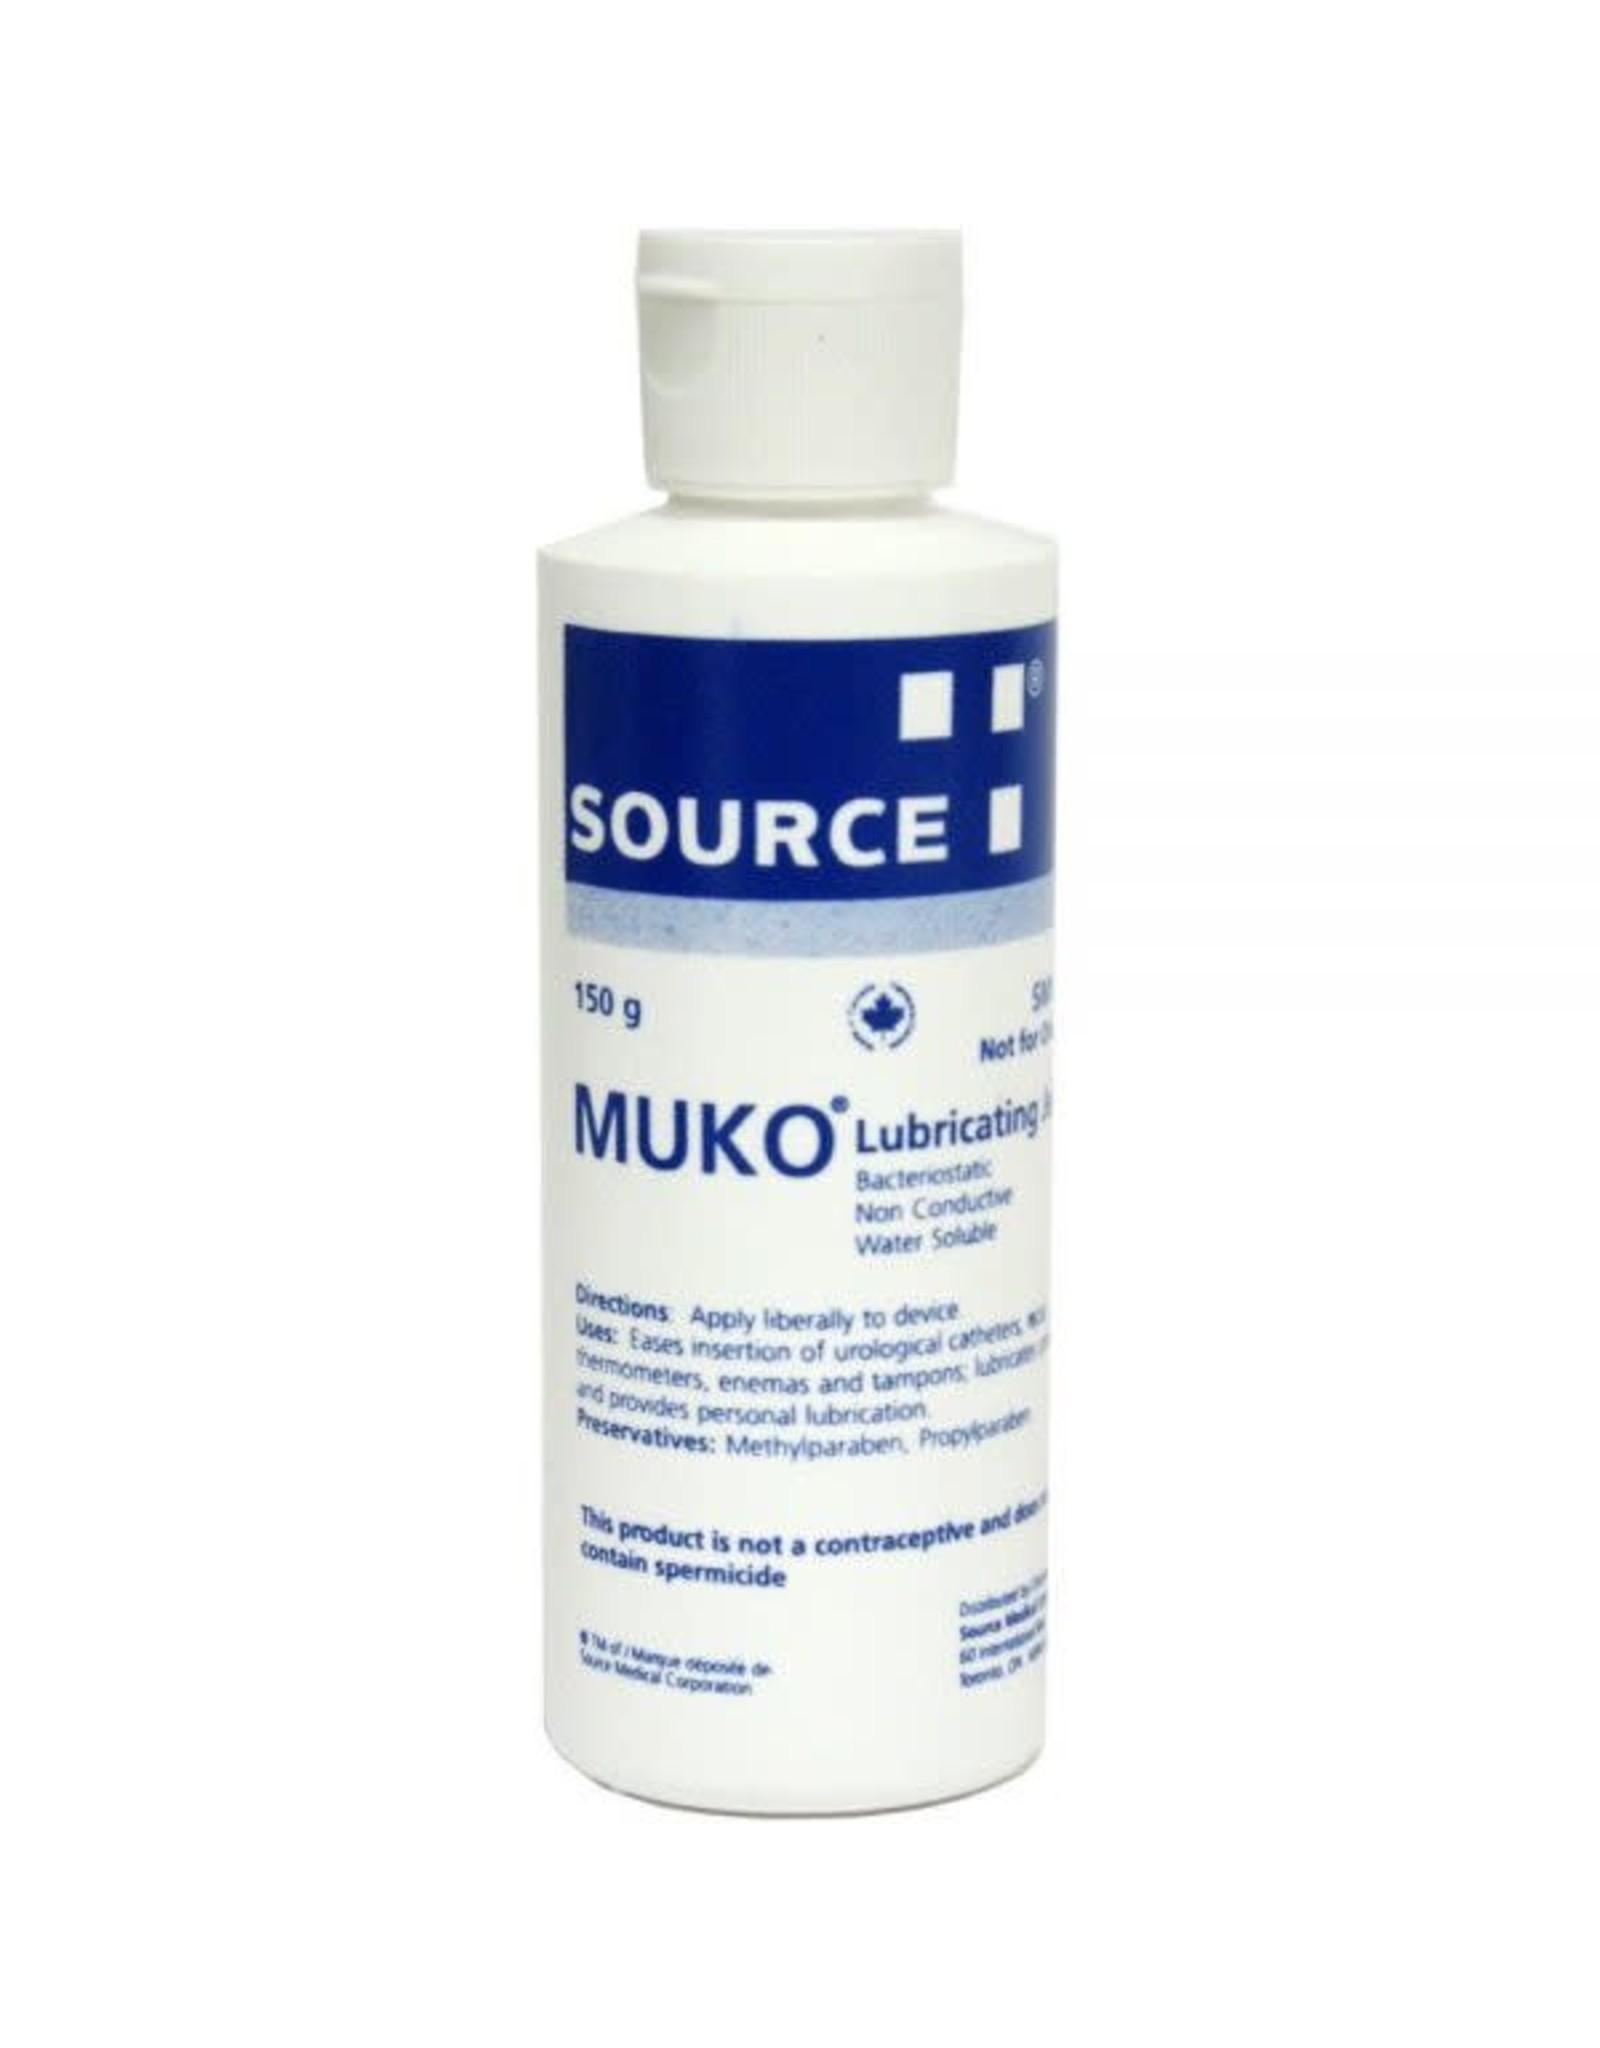 MUKO JELLY - 5.2 oz